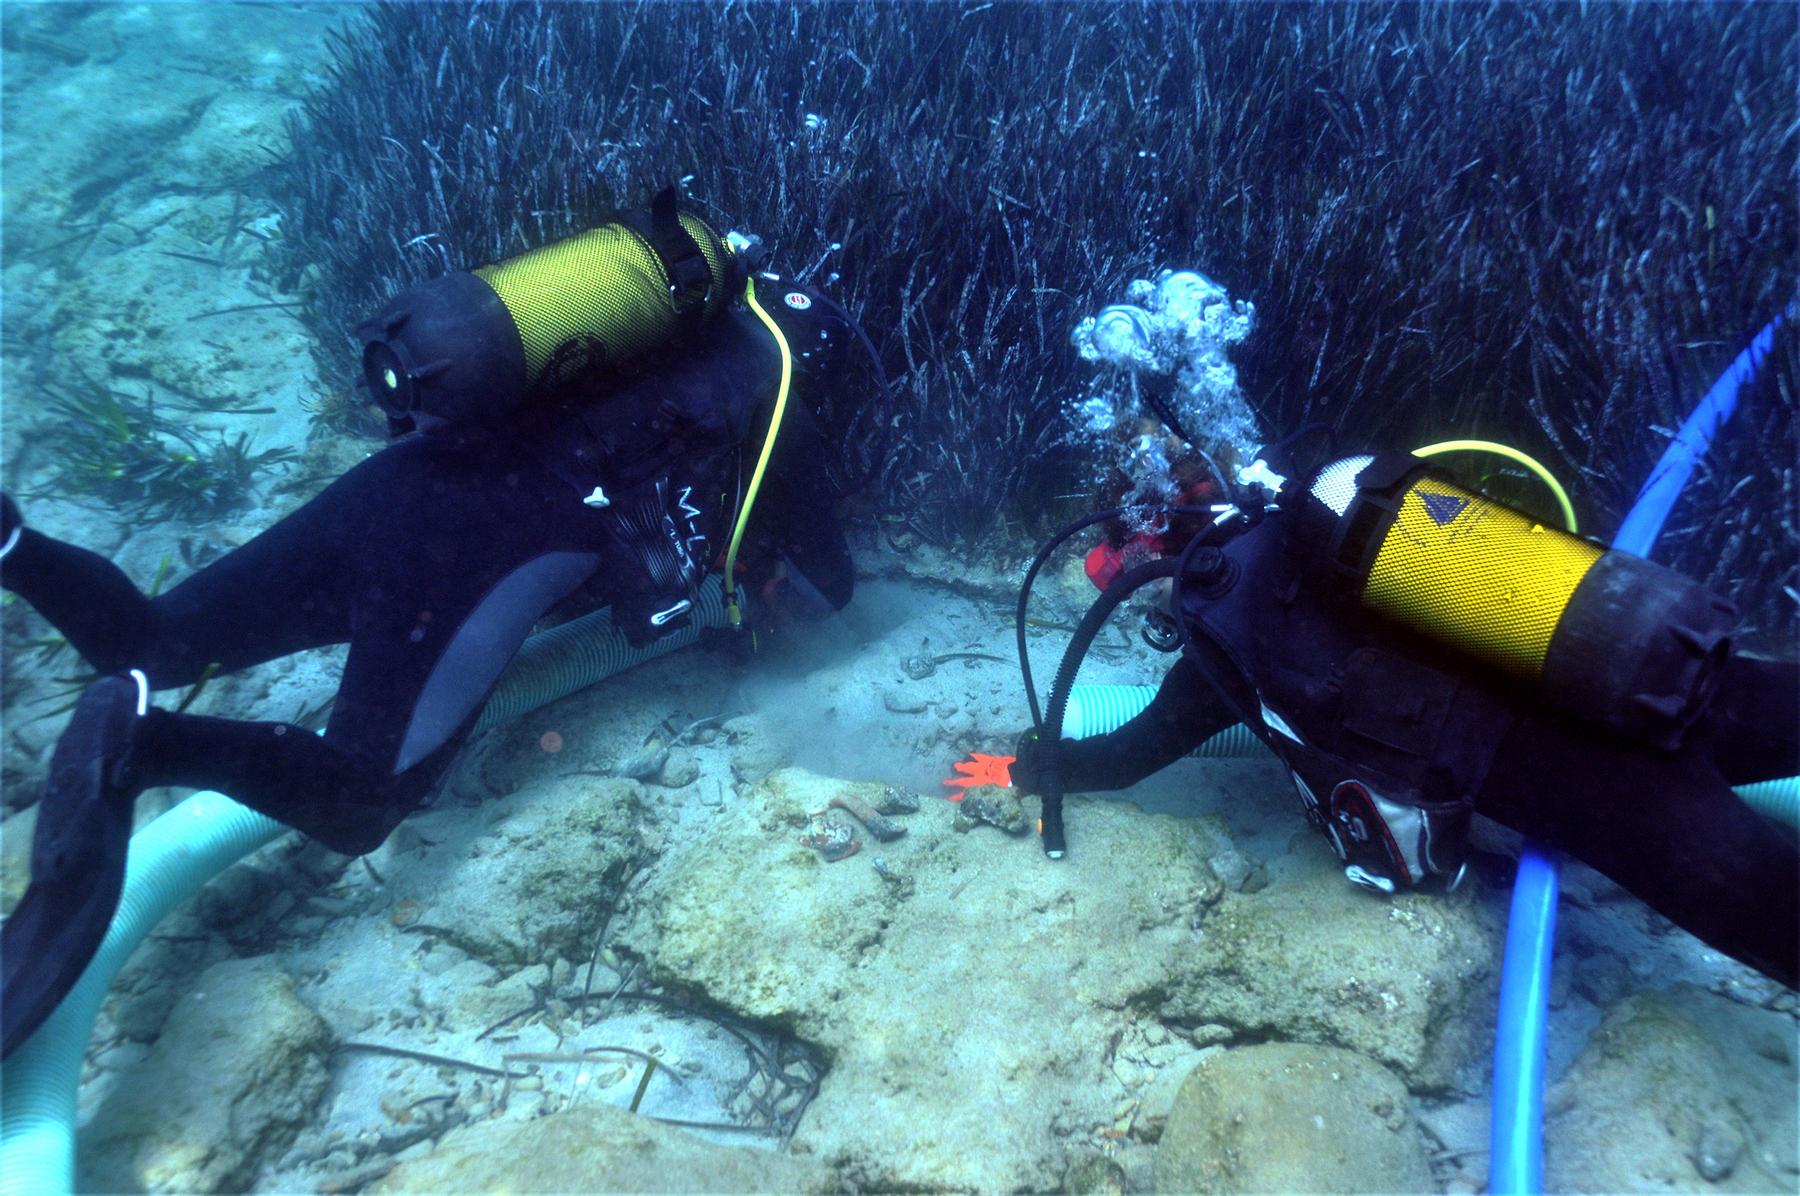 Καθαρισμός της επιφάνειας βυθισμένης κατασκευής στον Πόρο Κρήτη Κρήτη: Υποβρύχια έρευνα στον αρχαίο Ολούντα